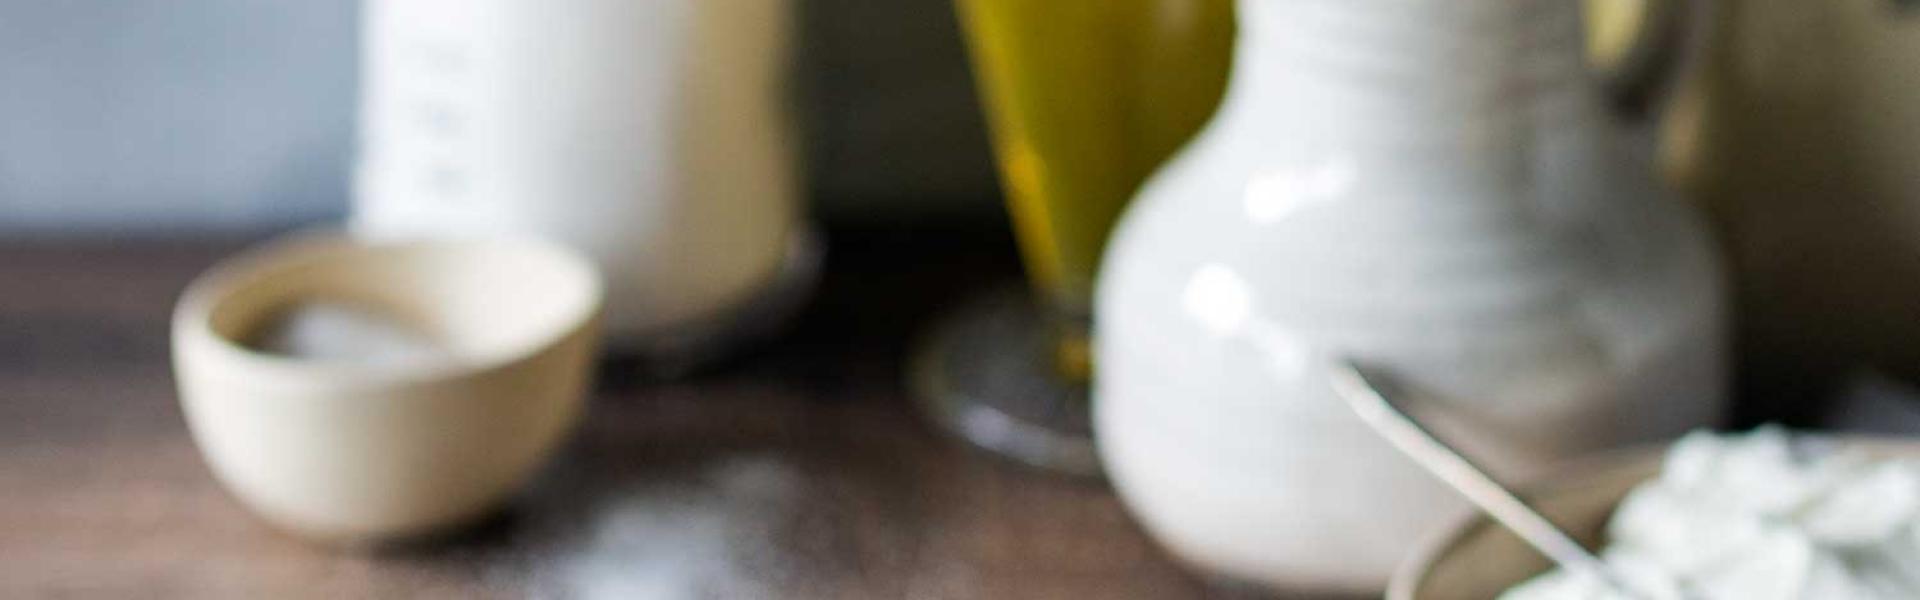 Roher Quark-Öl-Teig ohne Ei auf Arbeitsplatte.